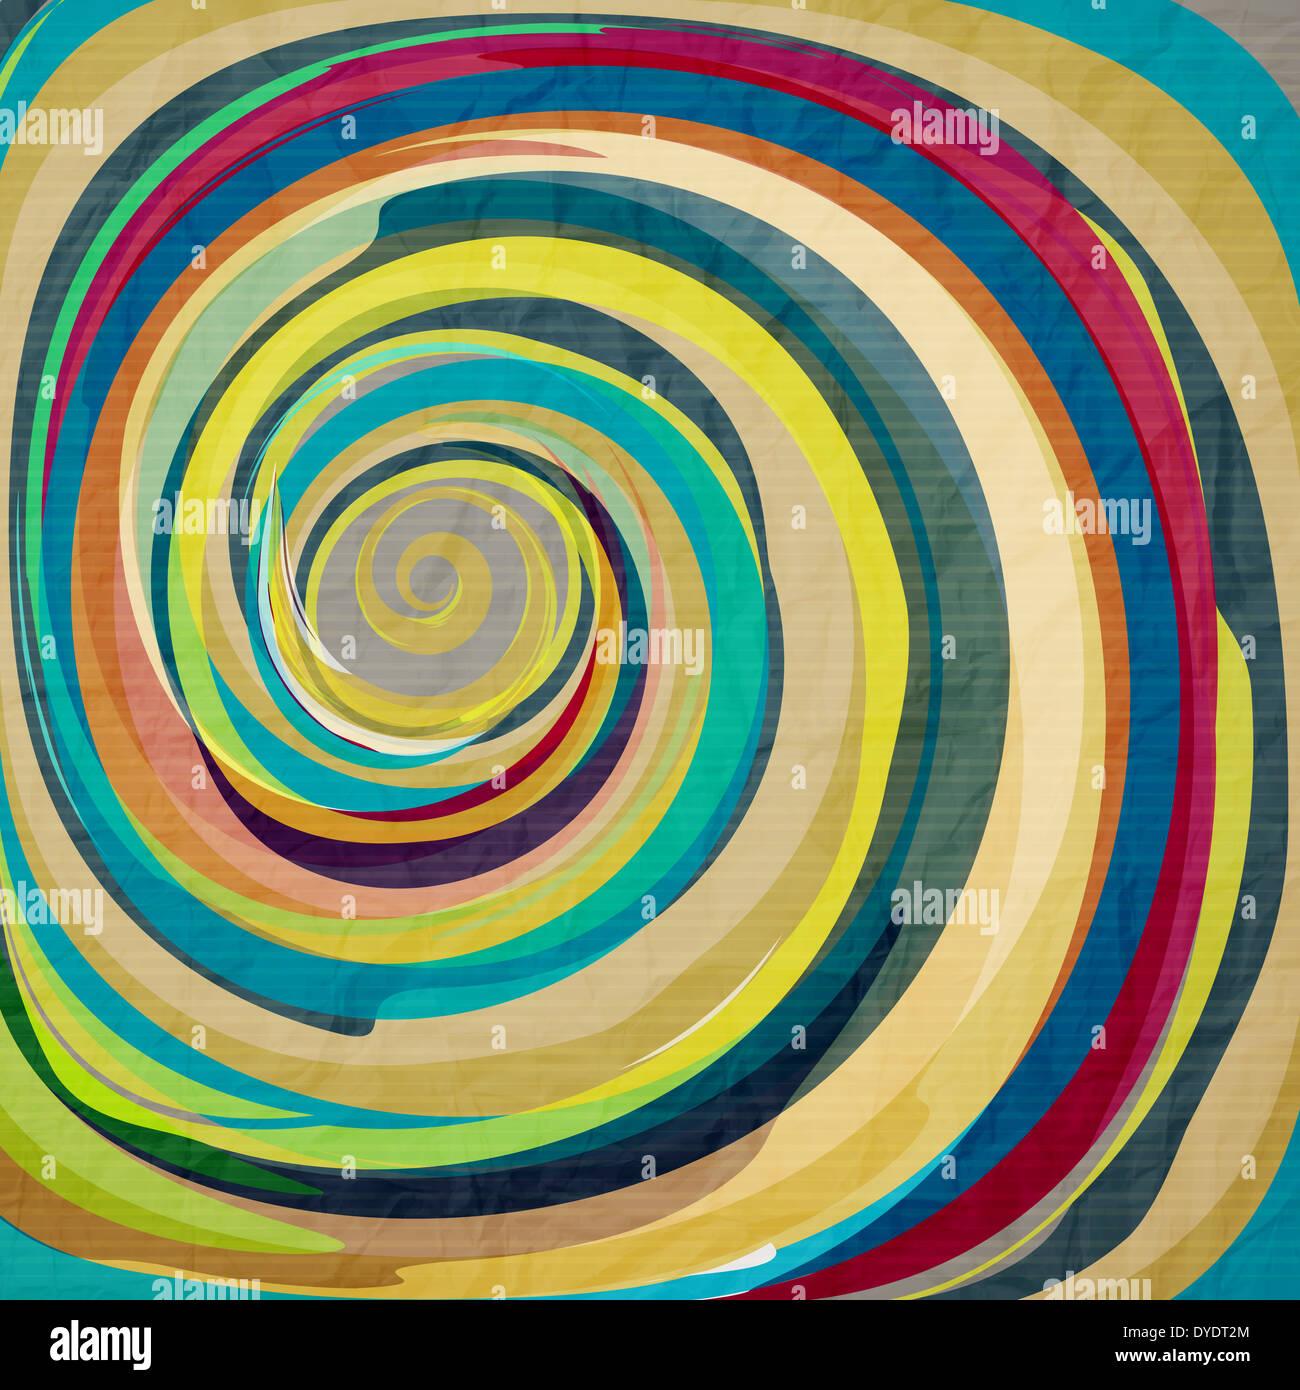 Abstract wallpaper con turbolenza colorati sulla carta testurizzata Immagini Stock